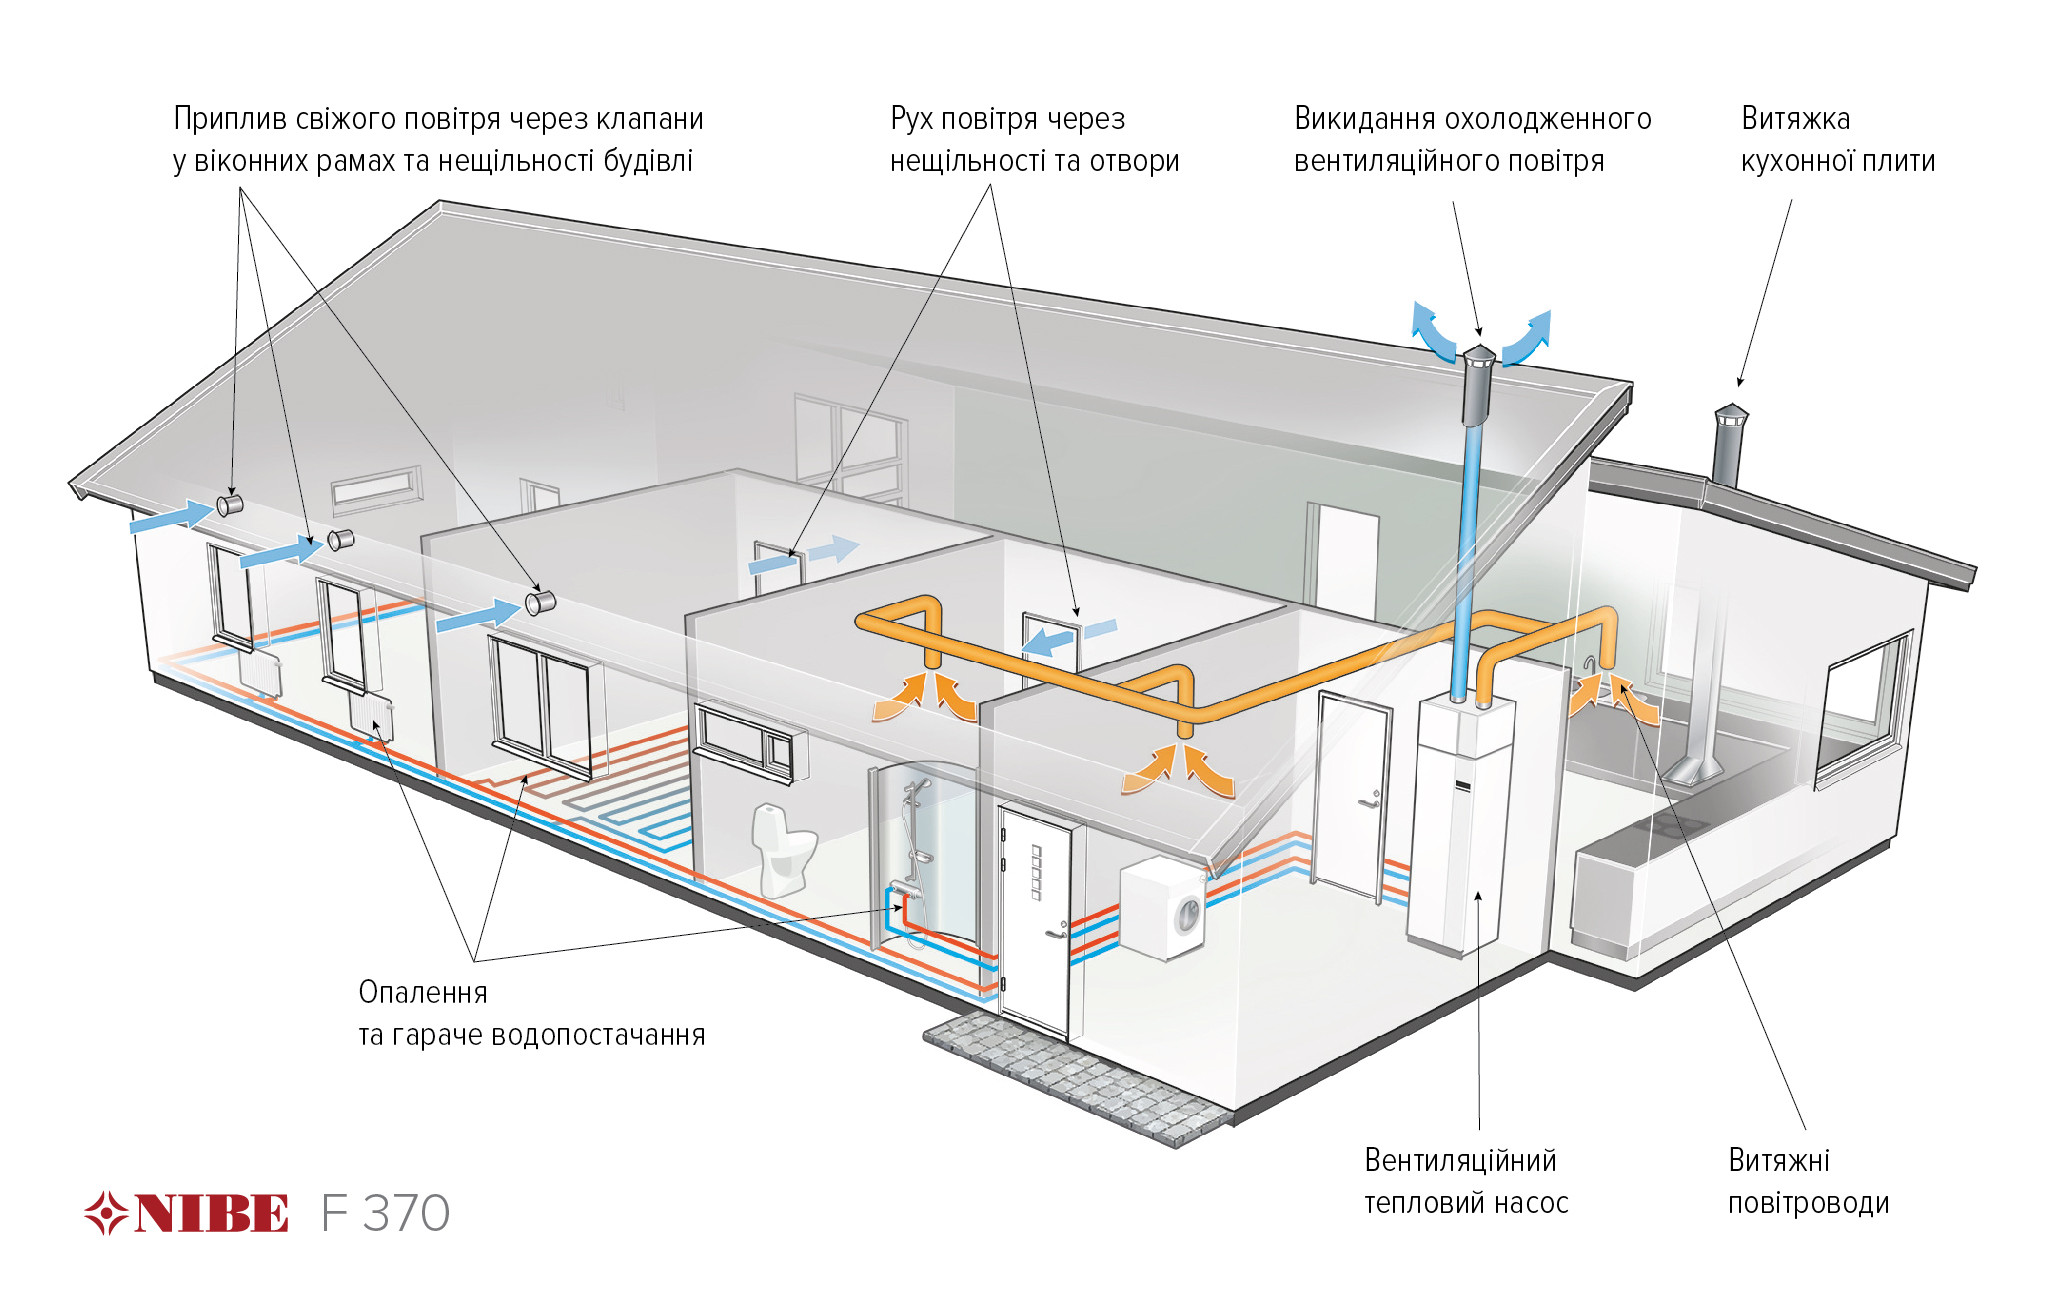 Схема роботи вентиляційного теплового насосу - рекуператора NIBE F370